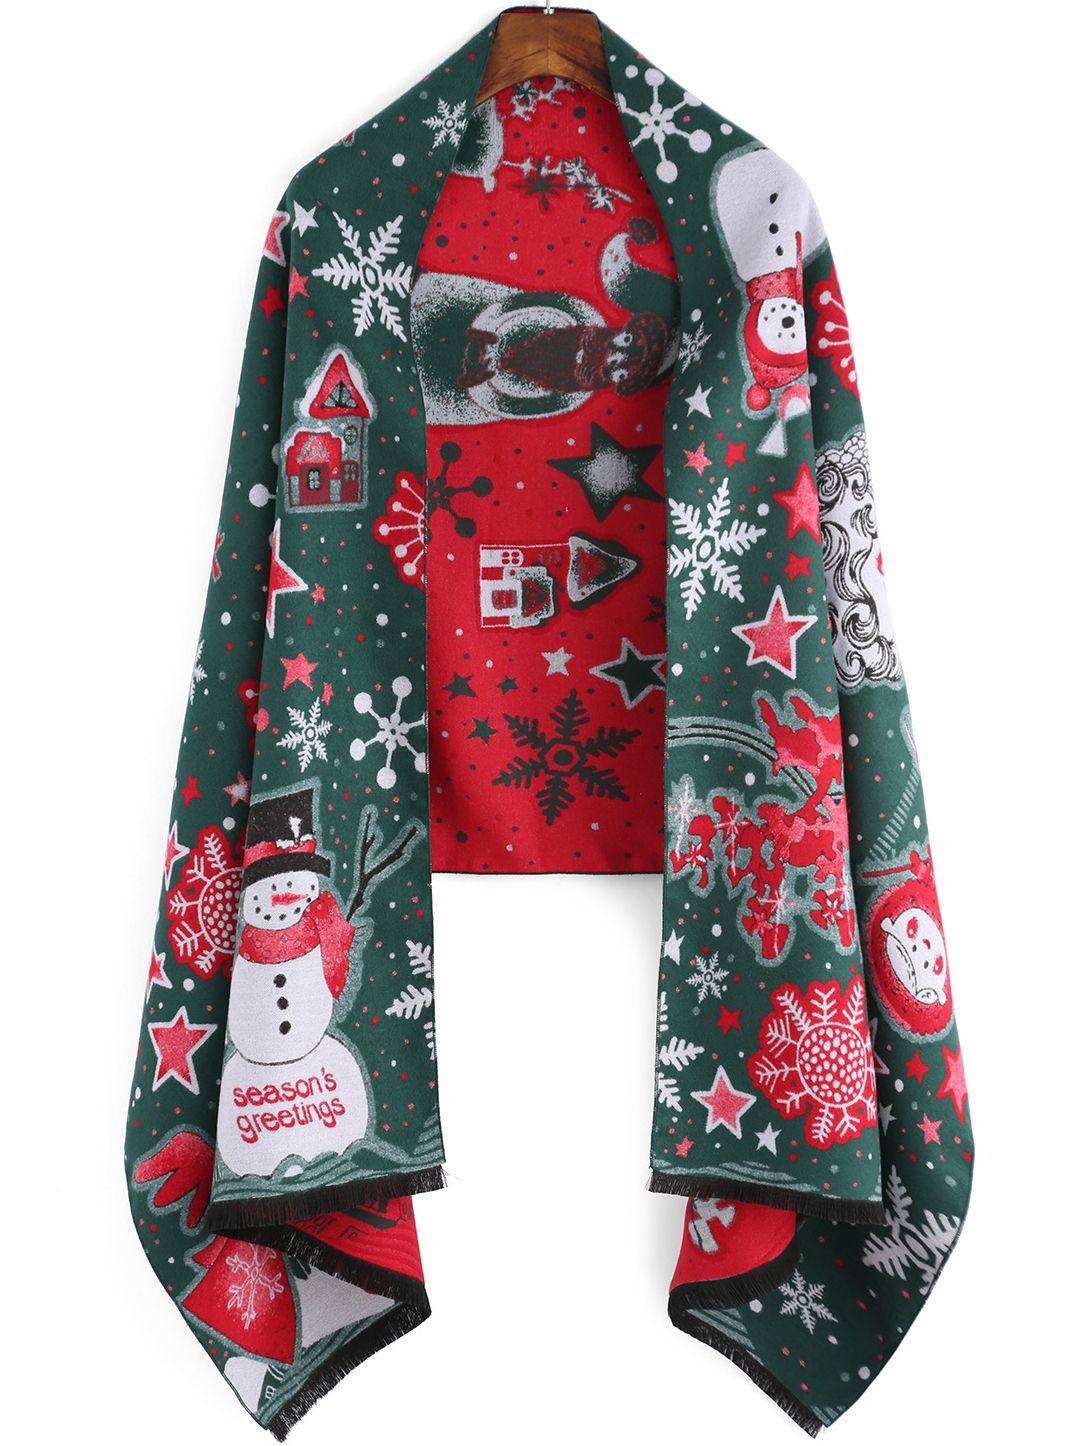 Schal mit Schneemann Druck - grün und rot 22.43